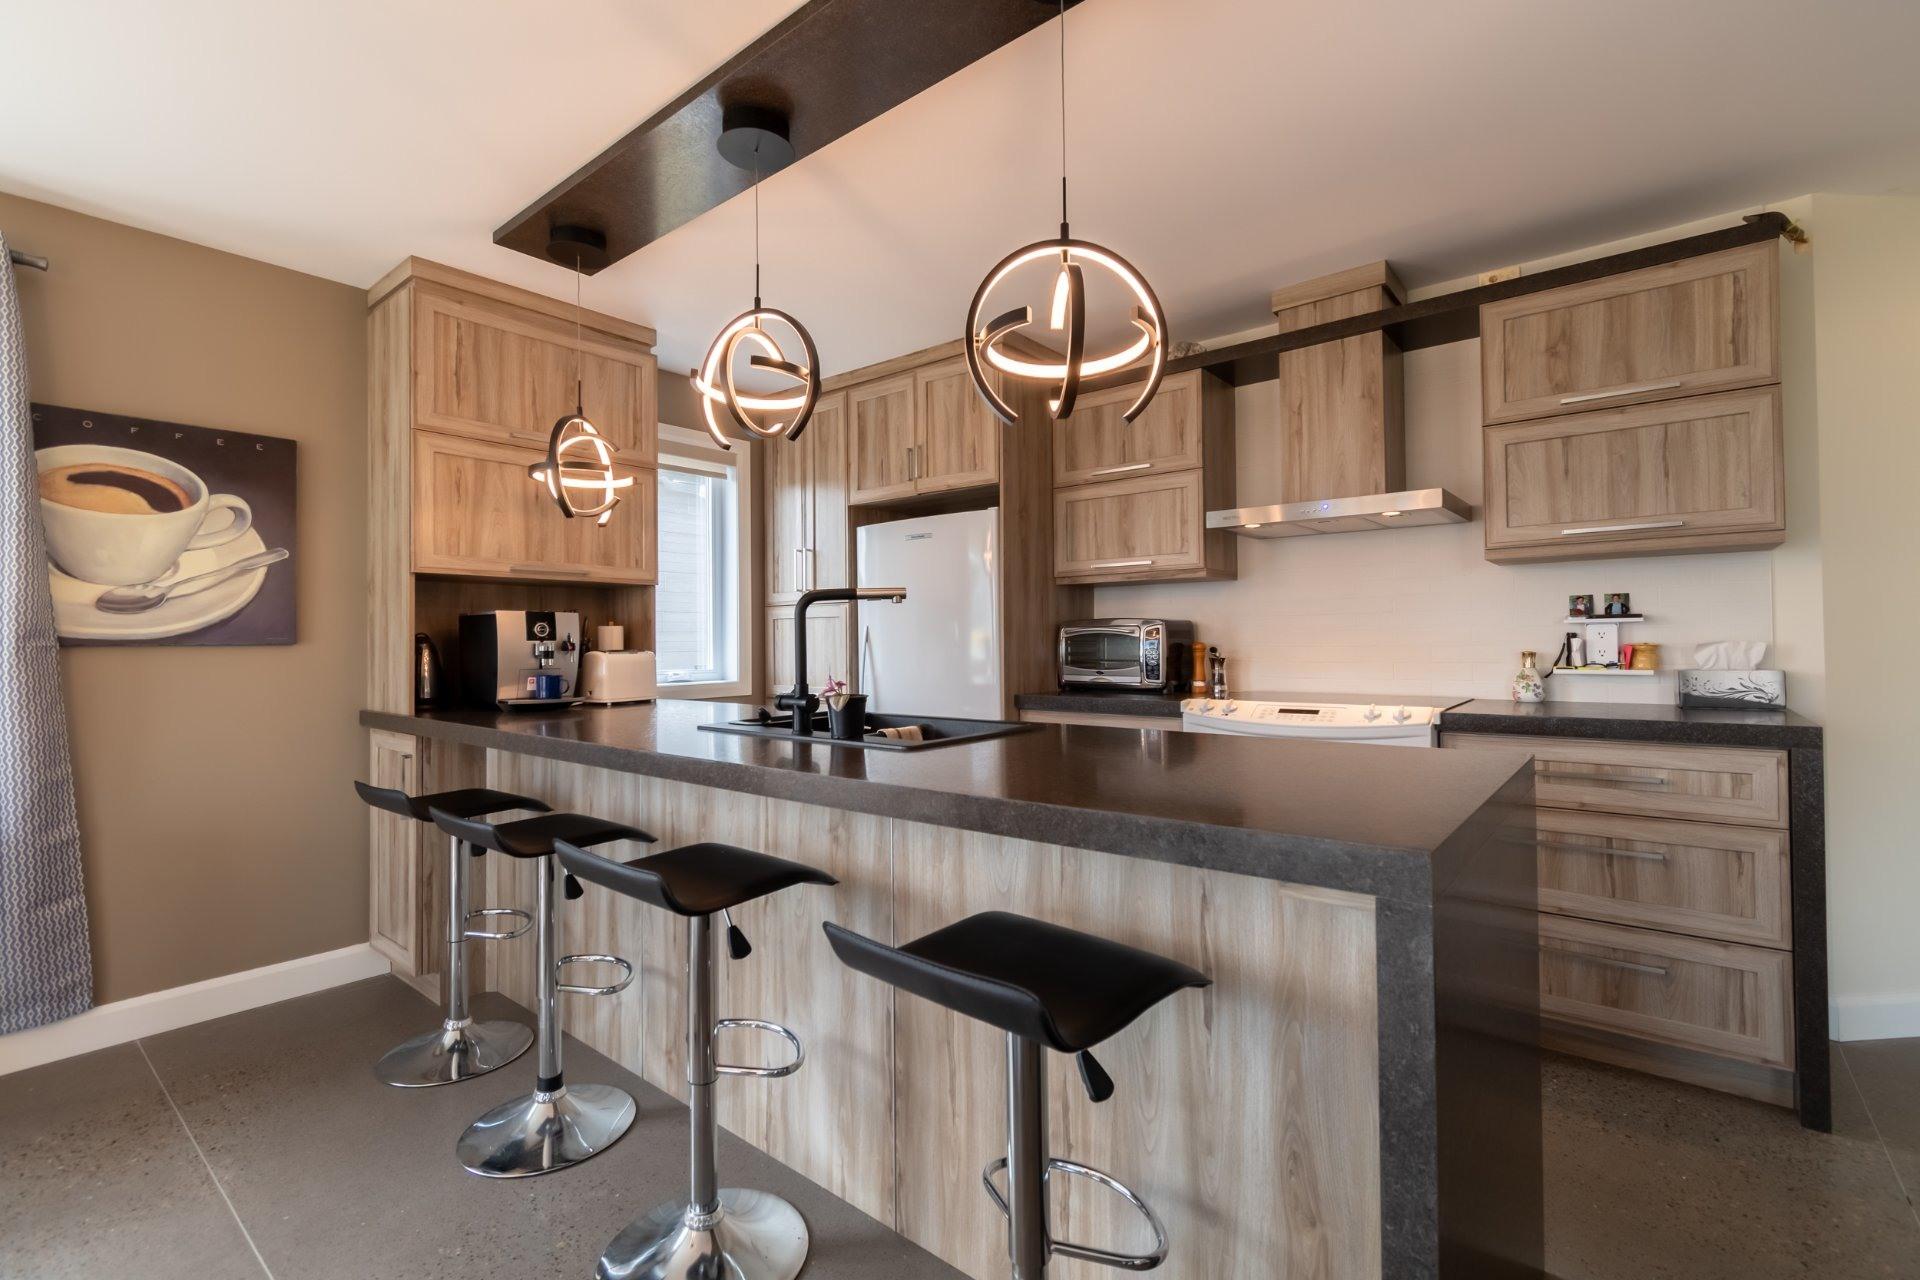 image 1 - Maison À vendre Trois-Rivières - 8 pièces